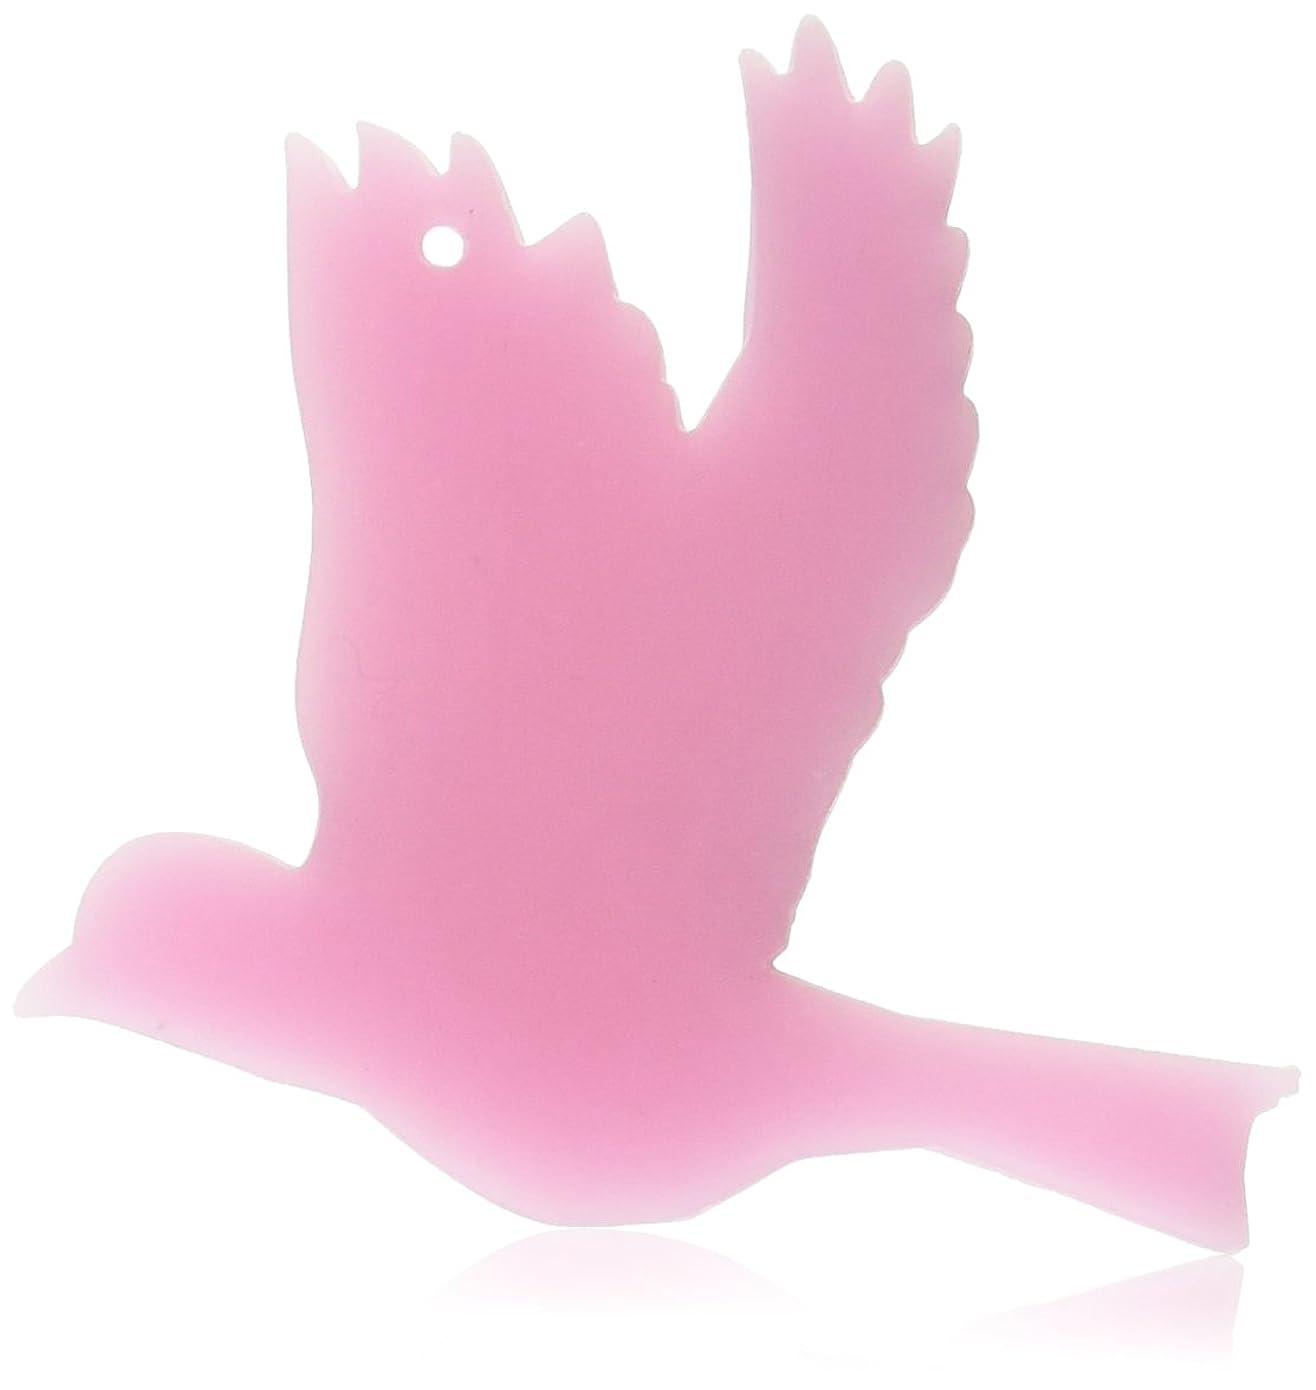 嫉妬手当ビジネスGRASSE TOKYO AROMATICWAXチャーム「ハト」(PI) ゼラニウム アロマティックワックス グラーストウキョウ